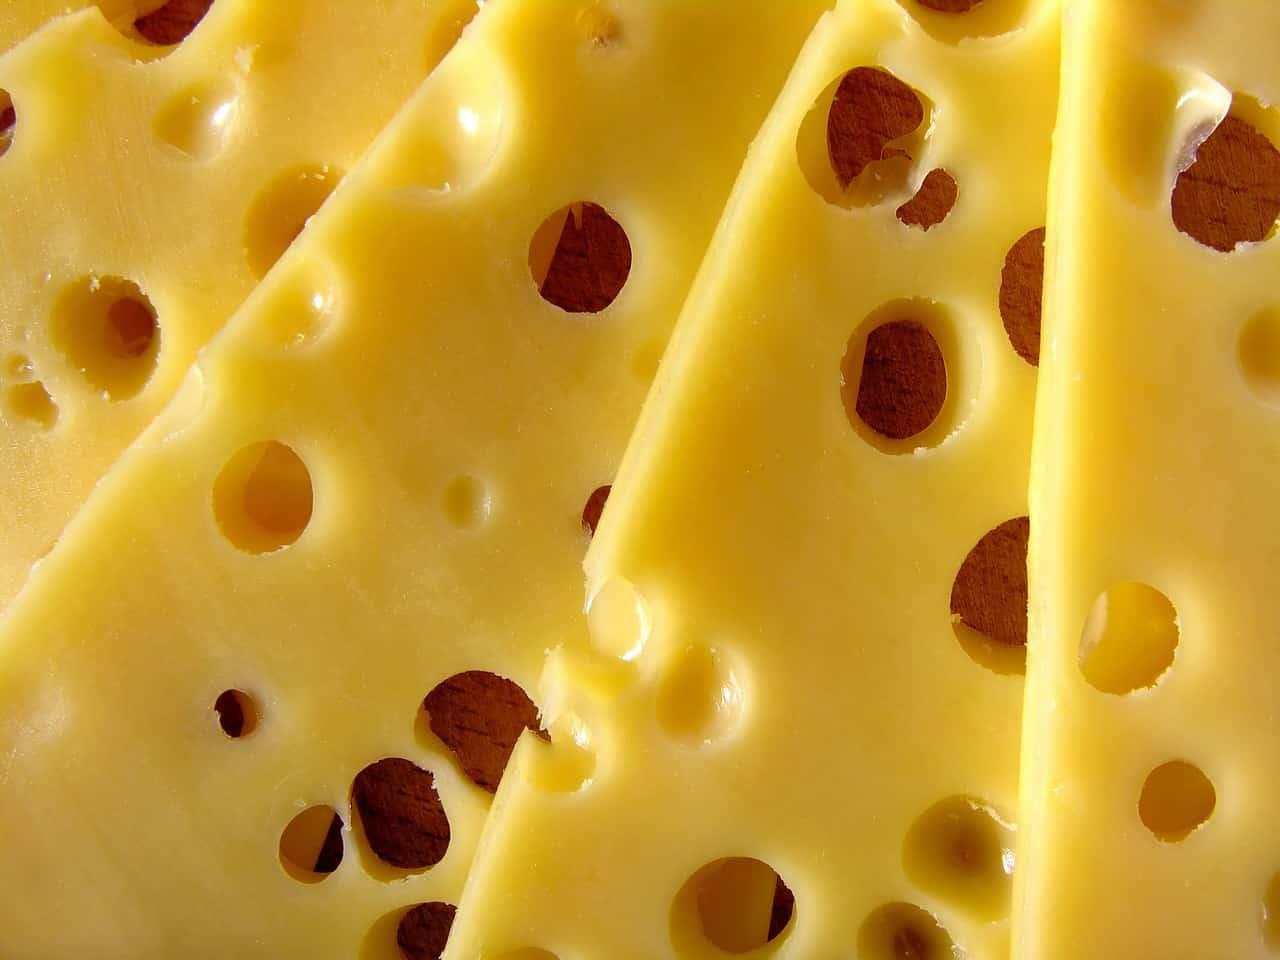 רצועות של גבינה